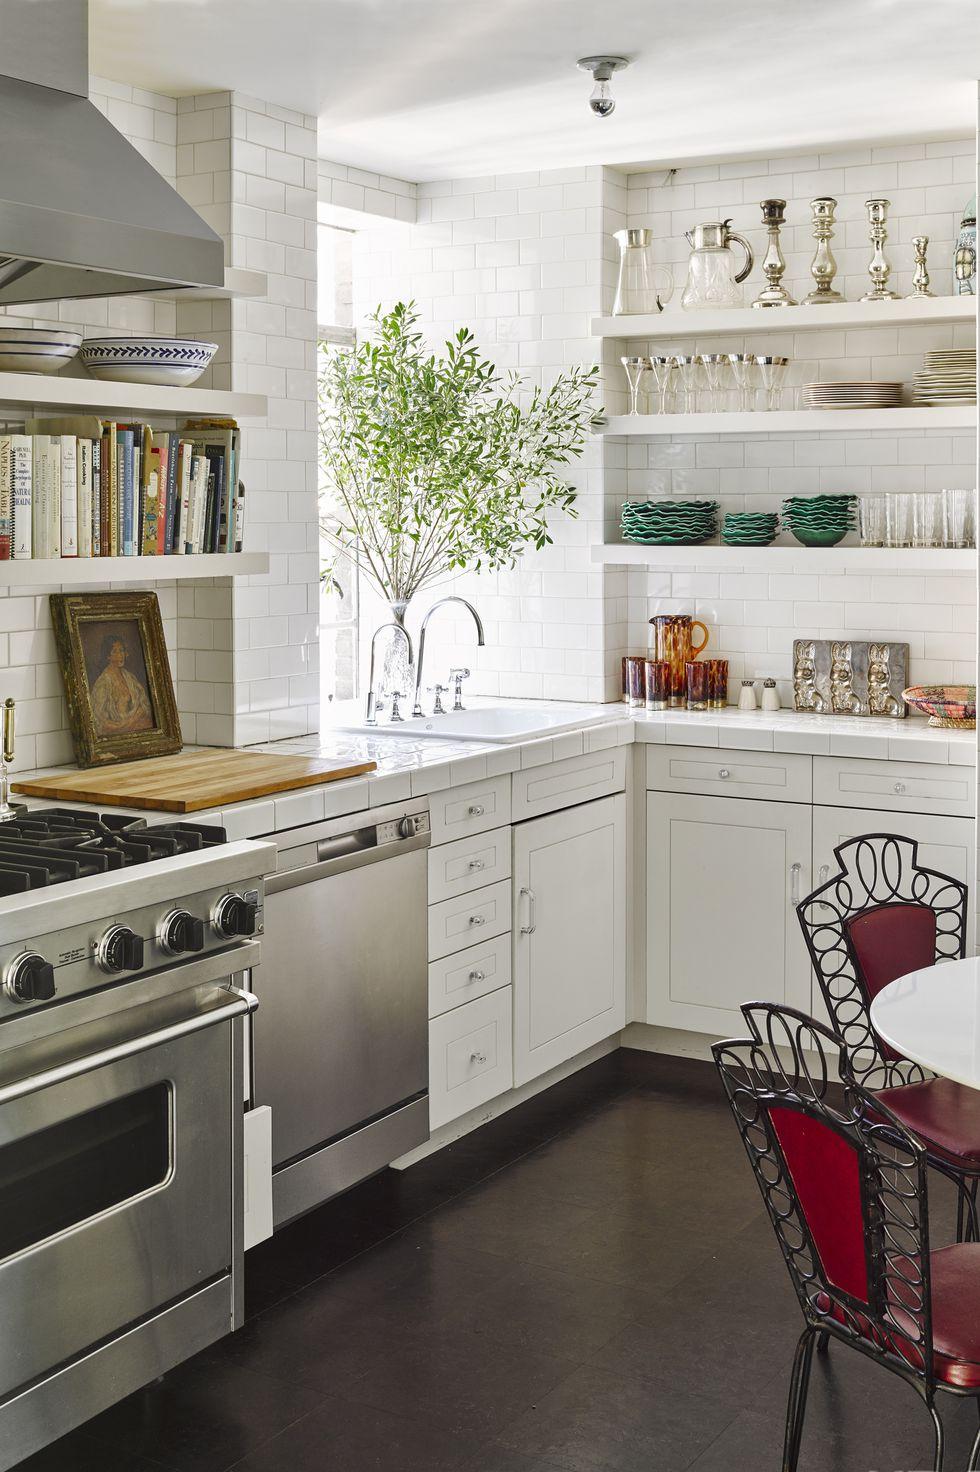 asko dishwasher, cork flooring, french garden chairs, viking range, small kitchen